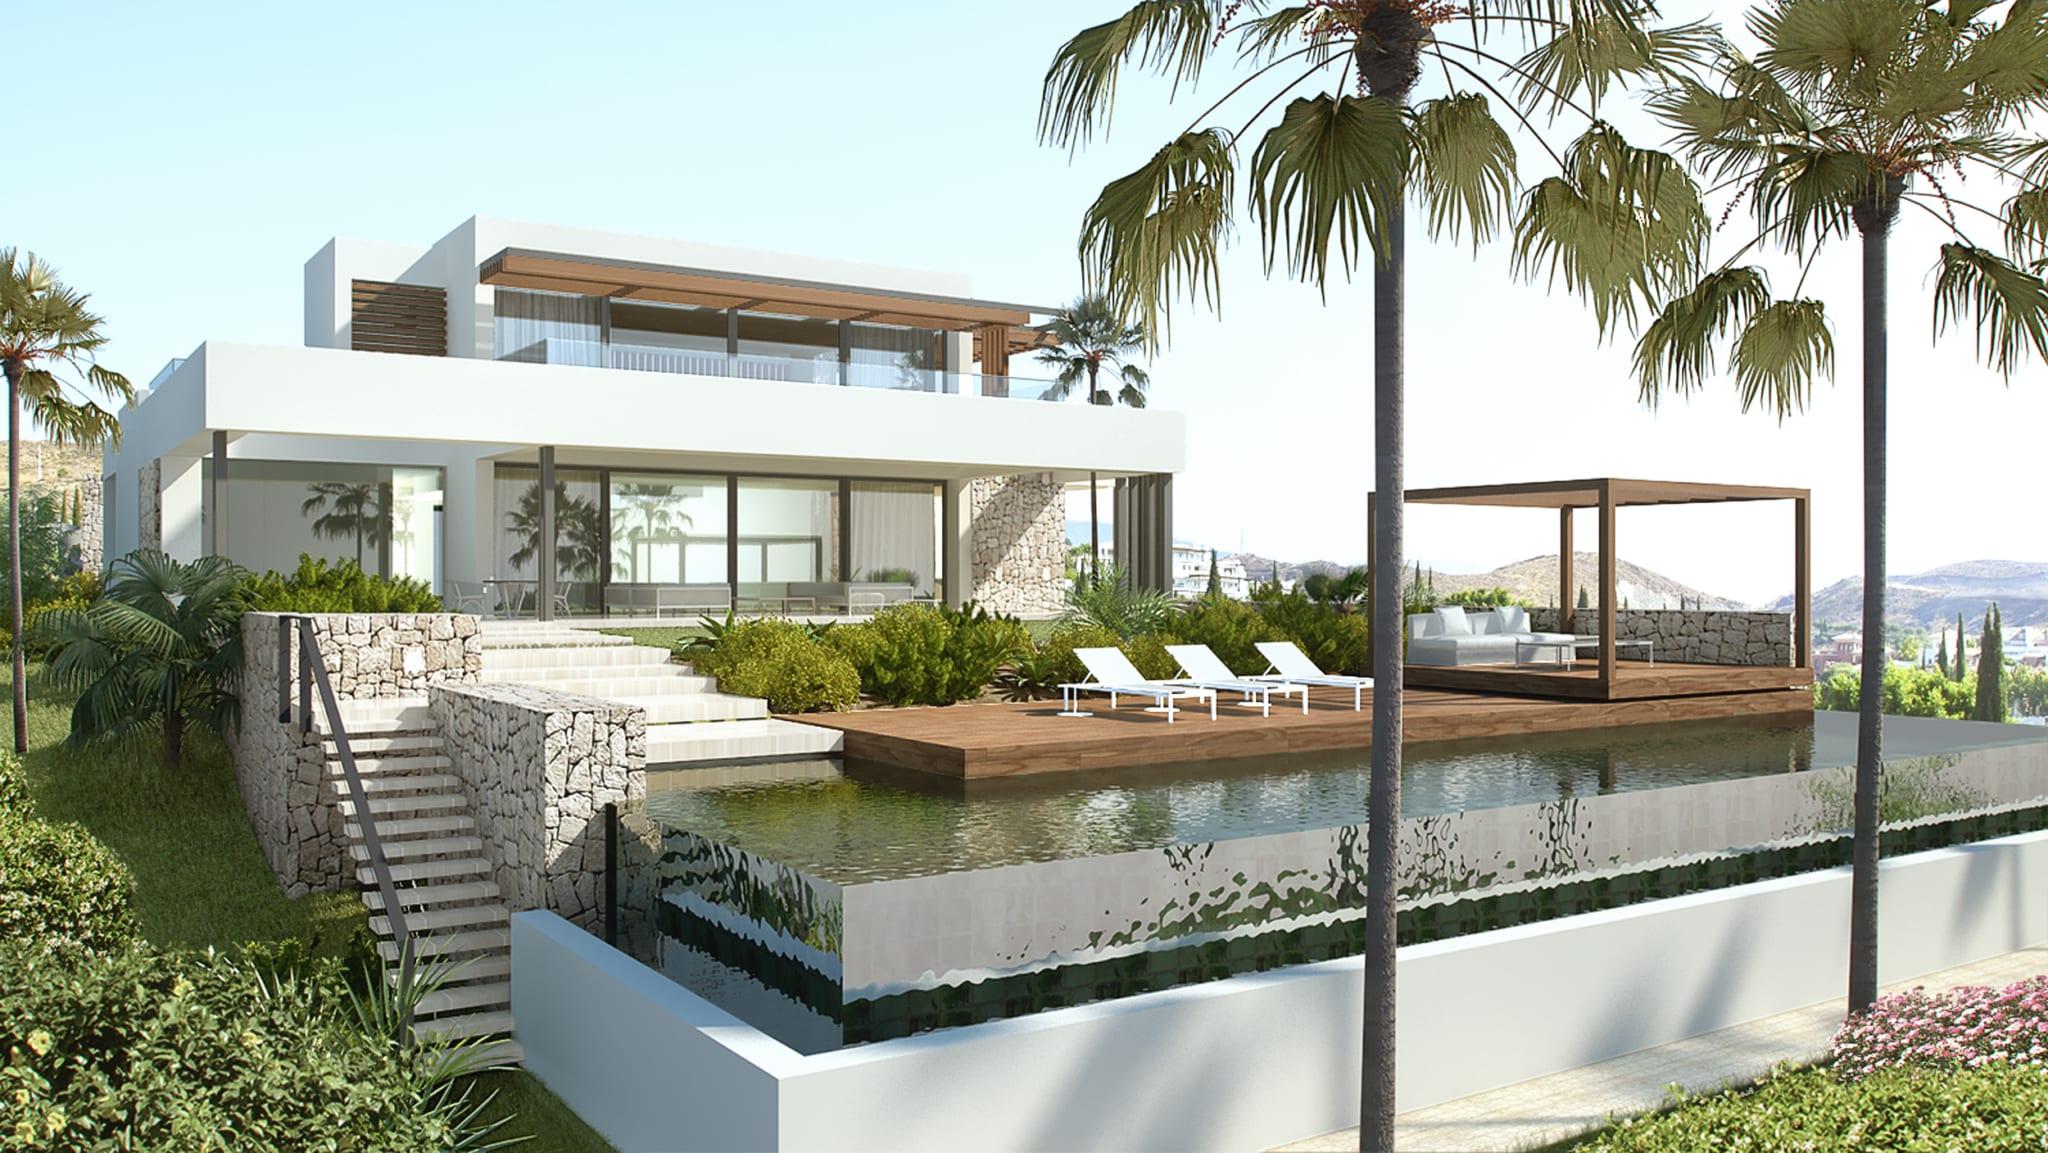 Modele Facade Maison Maroc : Costa del sol modern villa in gated community